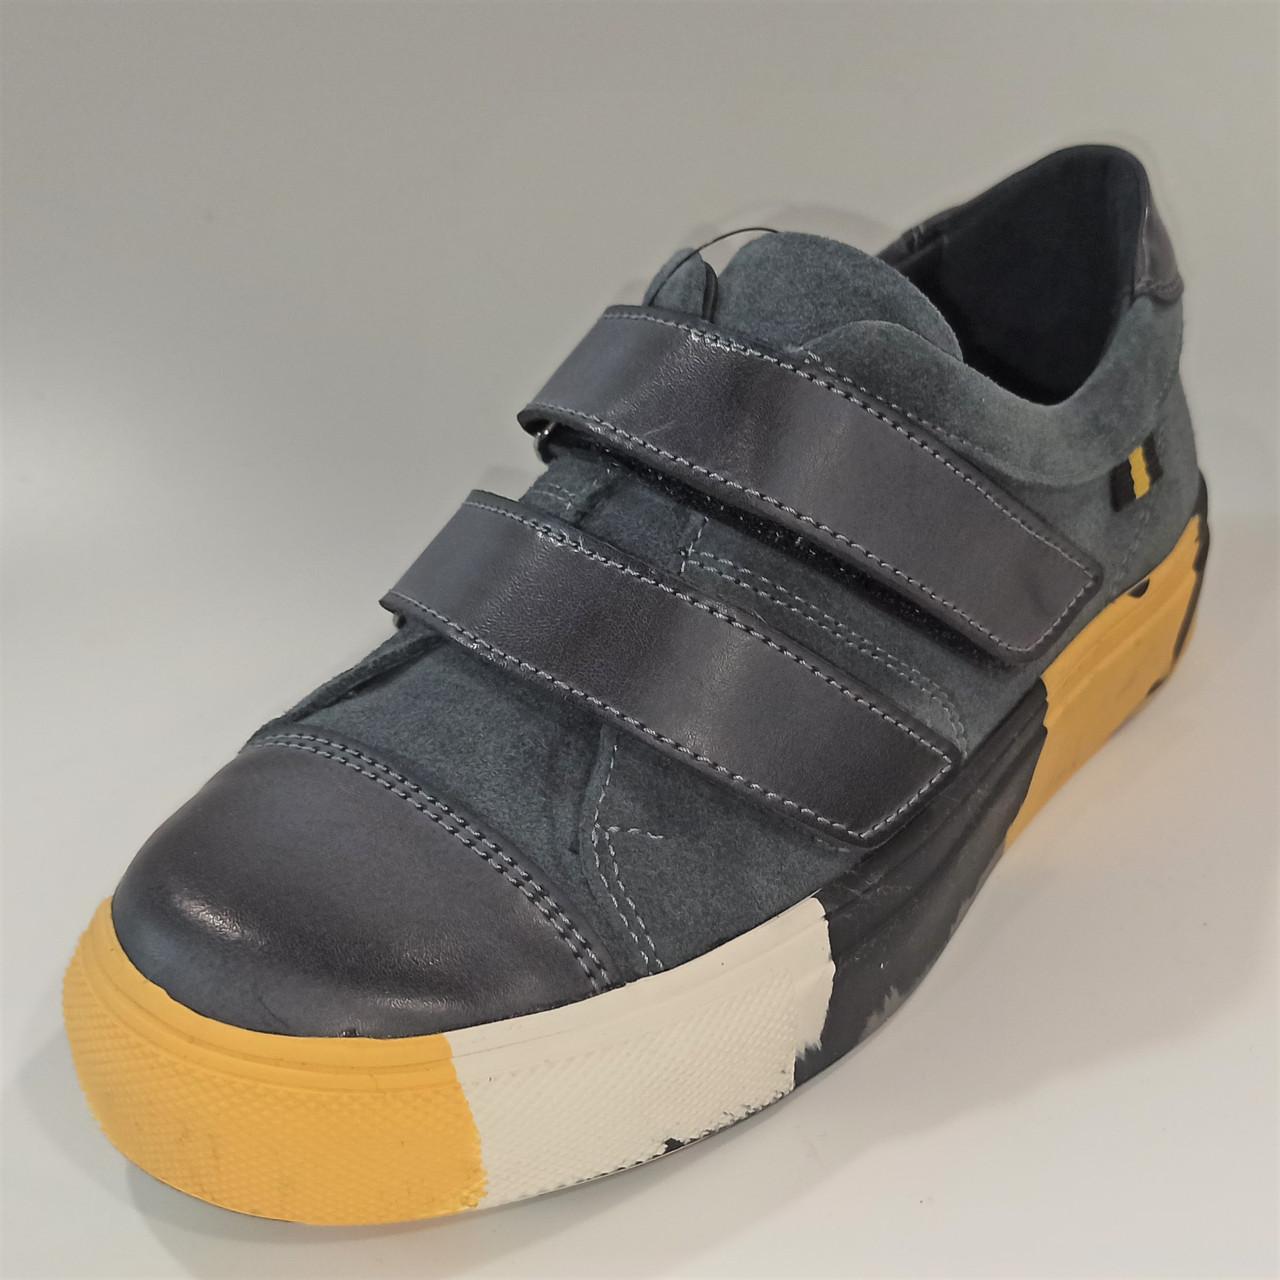 Шкіряні спортивні туфлі, Tobi (код 1270) розміри: 34-35